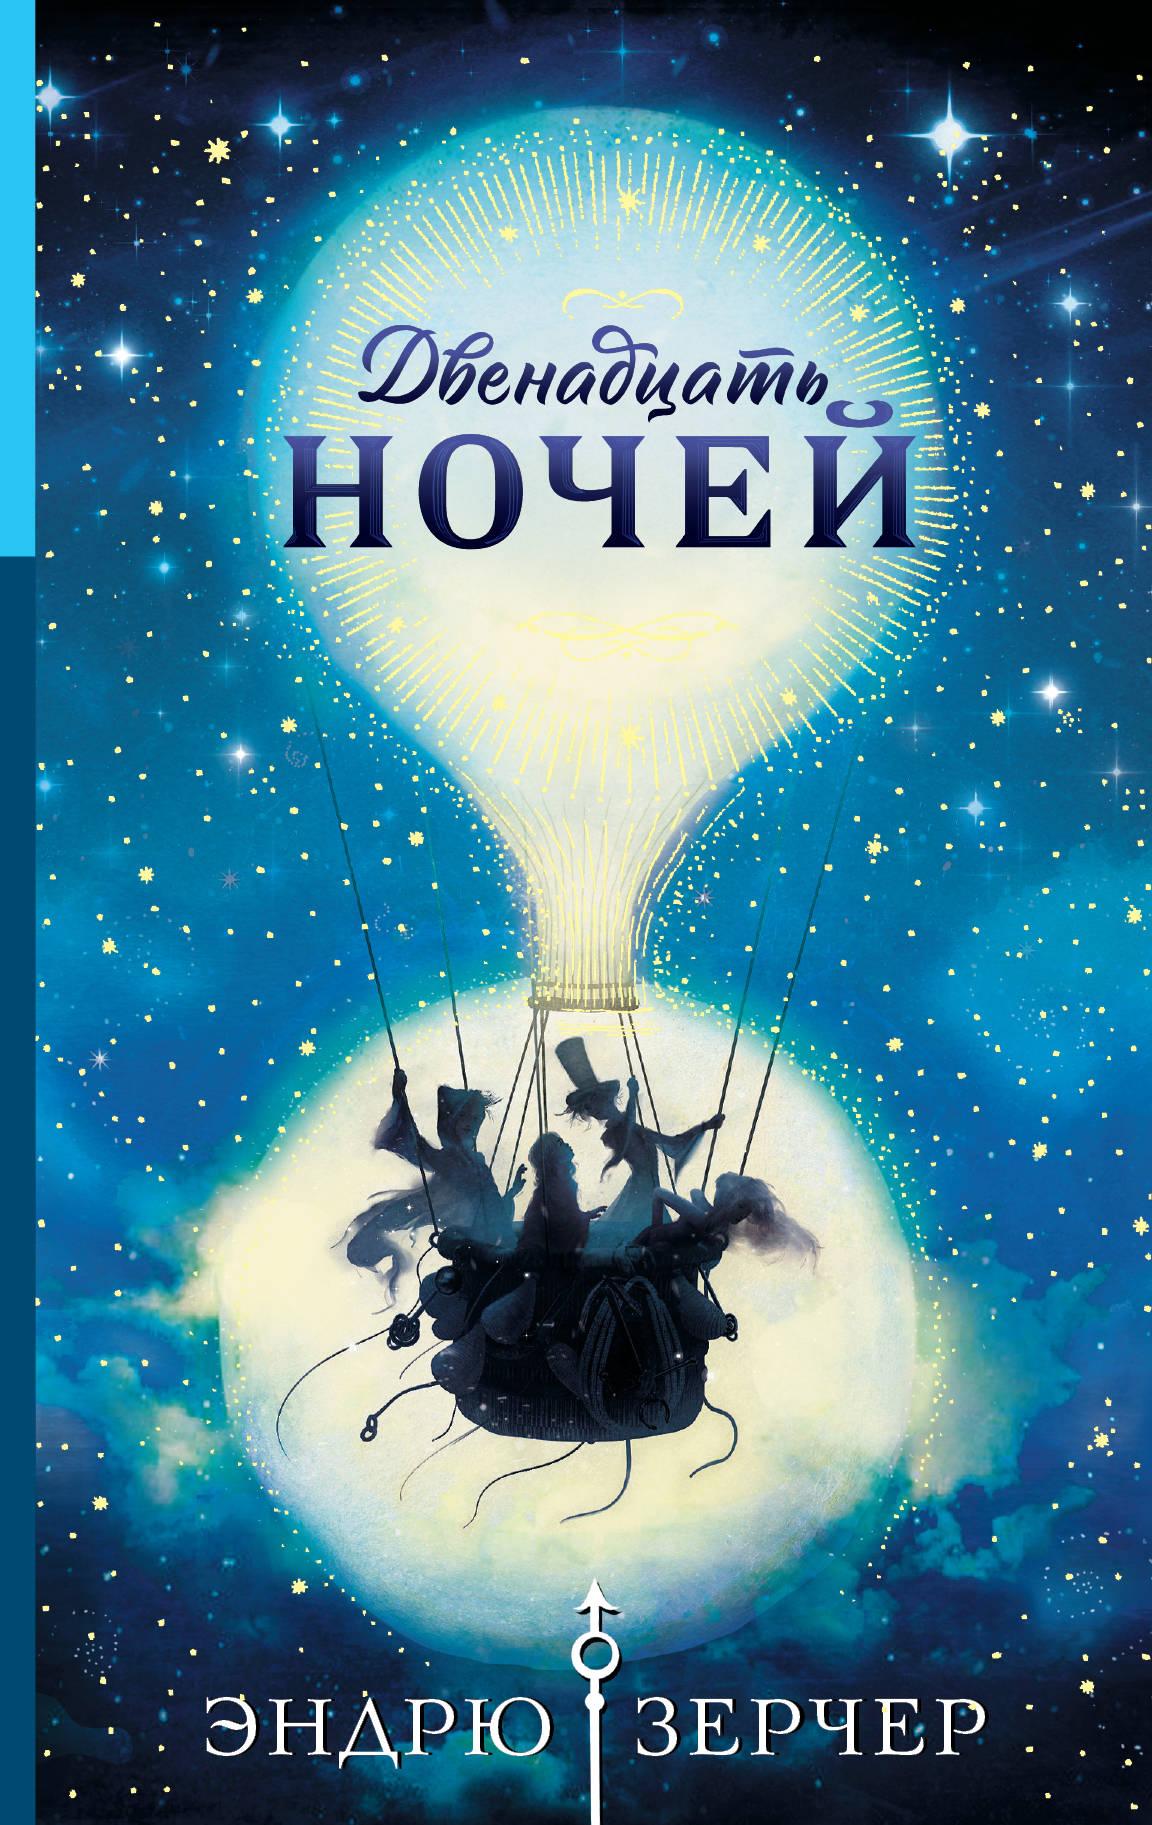 Эндрю Зерчер «Двенадцать ночей»